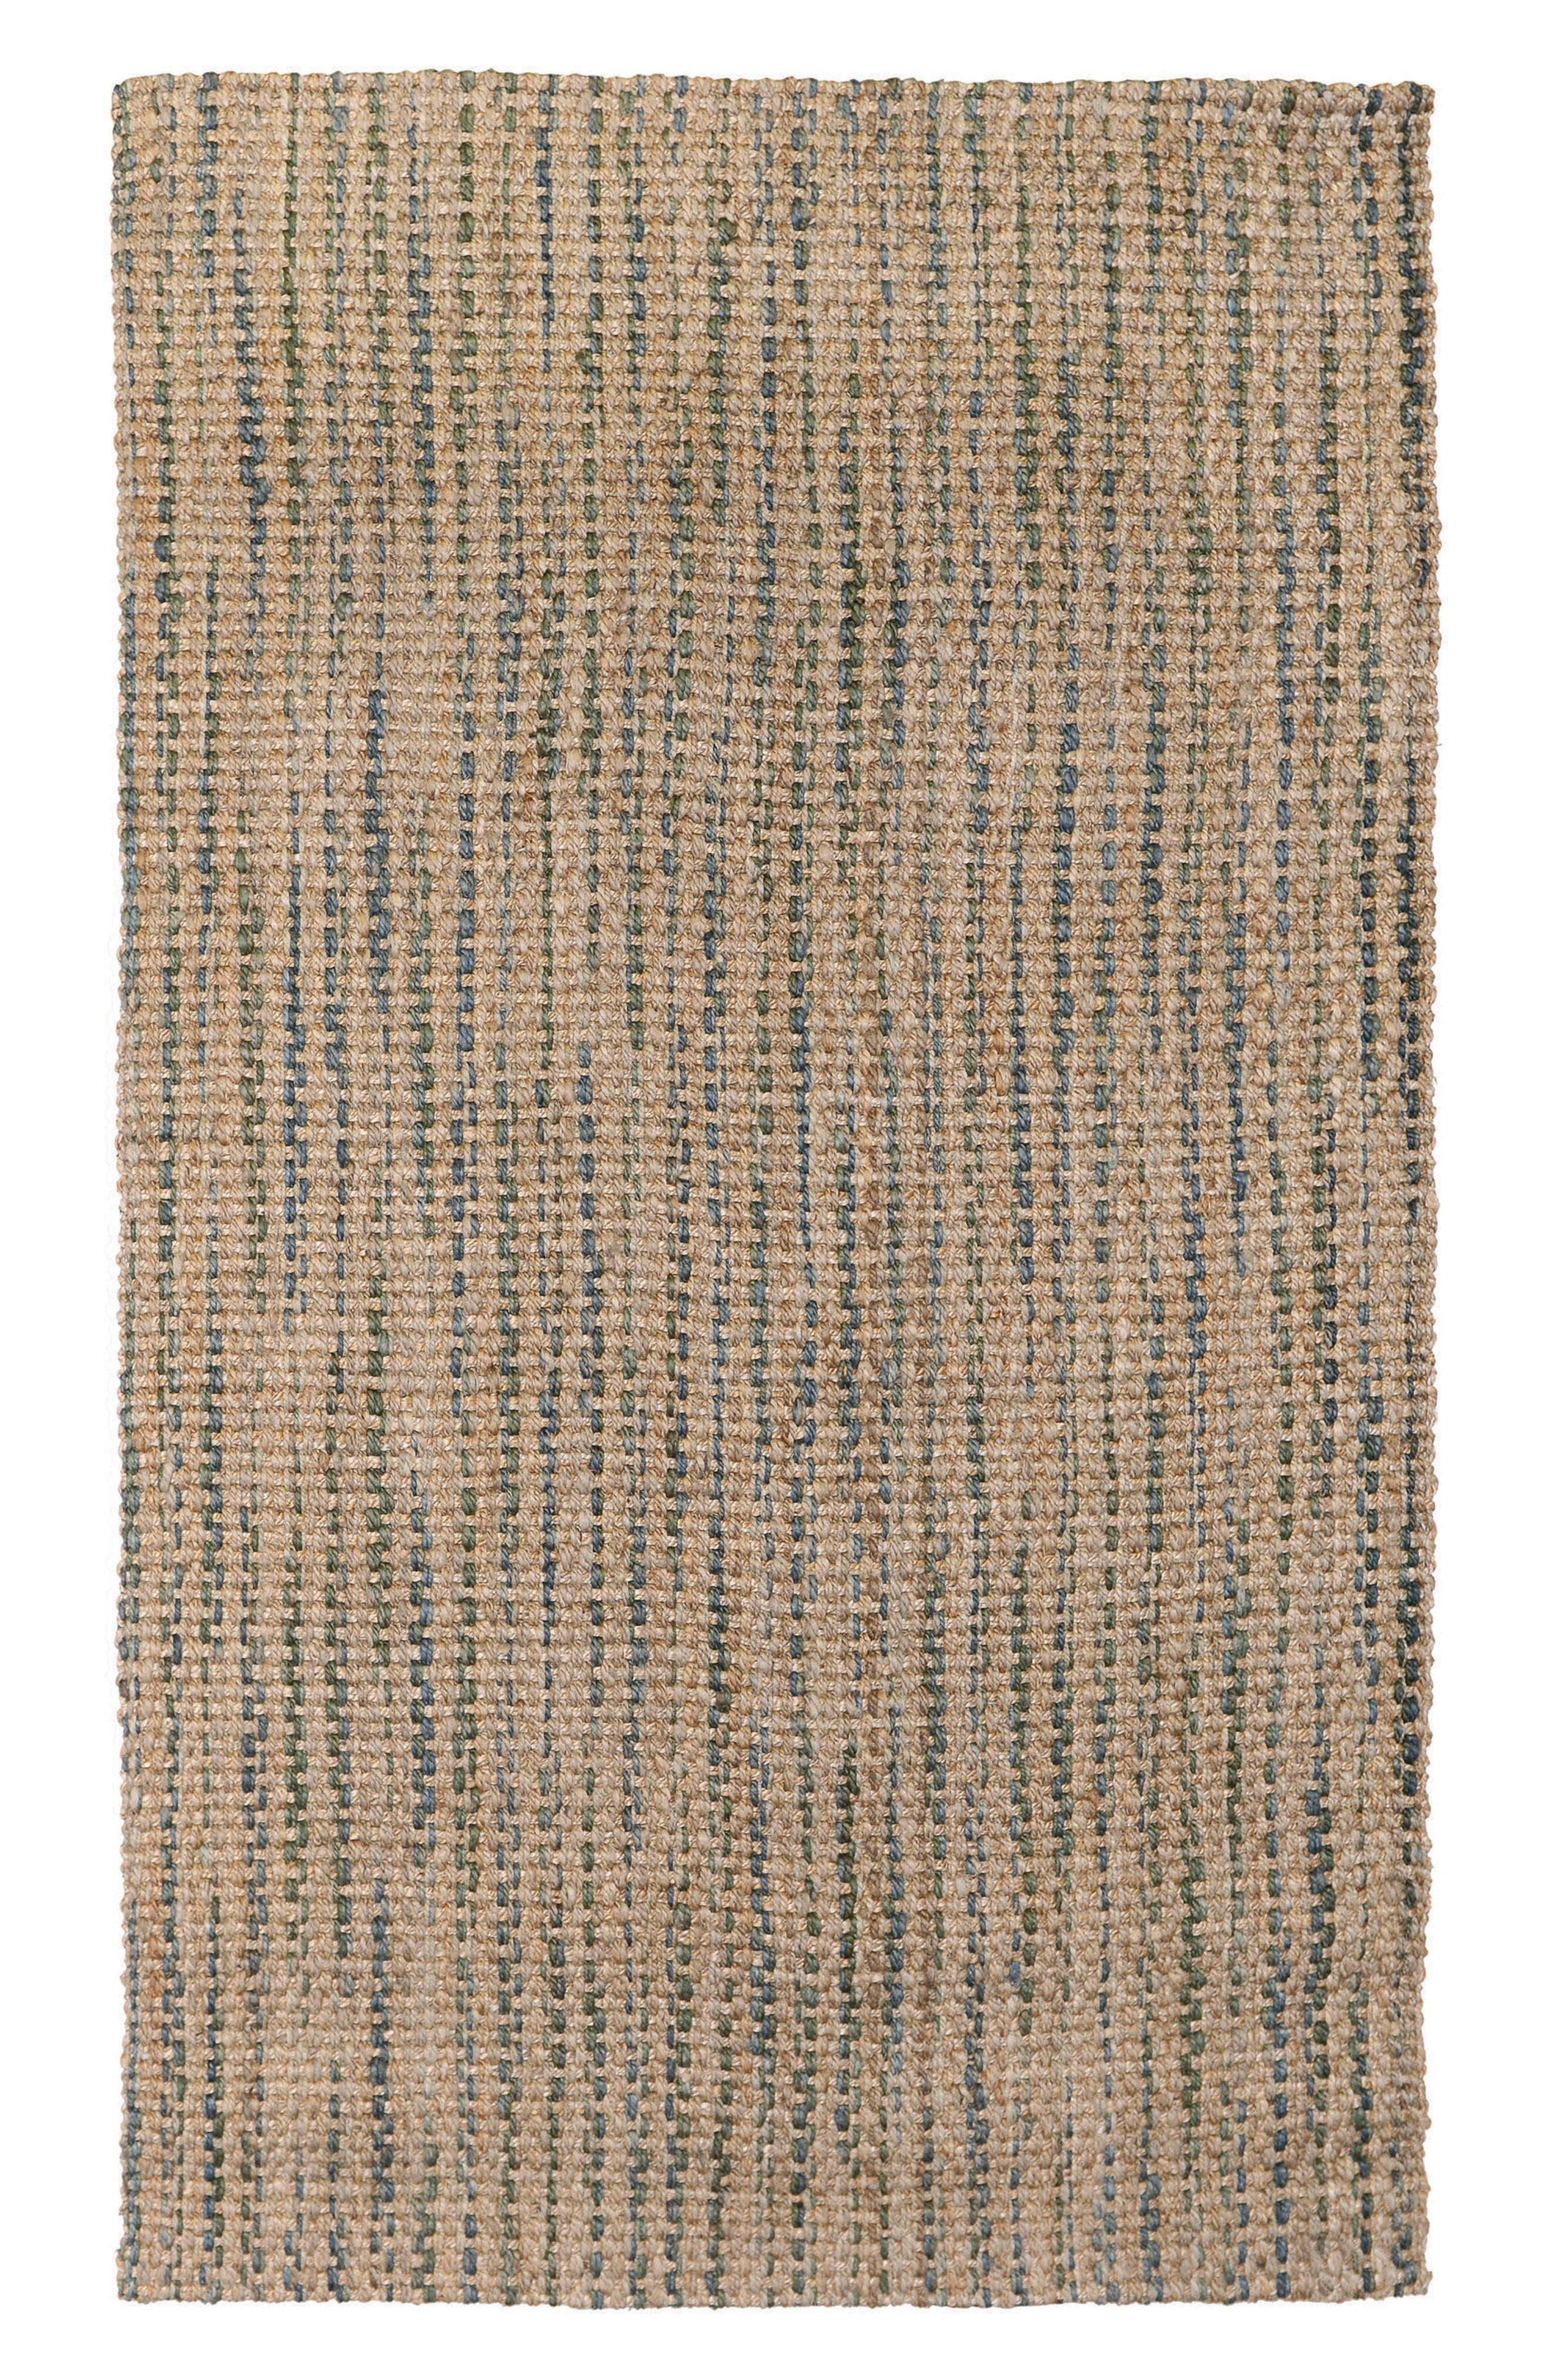 Ladera Handwoven Rug,                             Main thumbnail 1, color,                             250